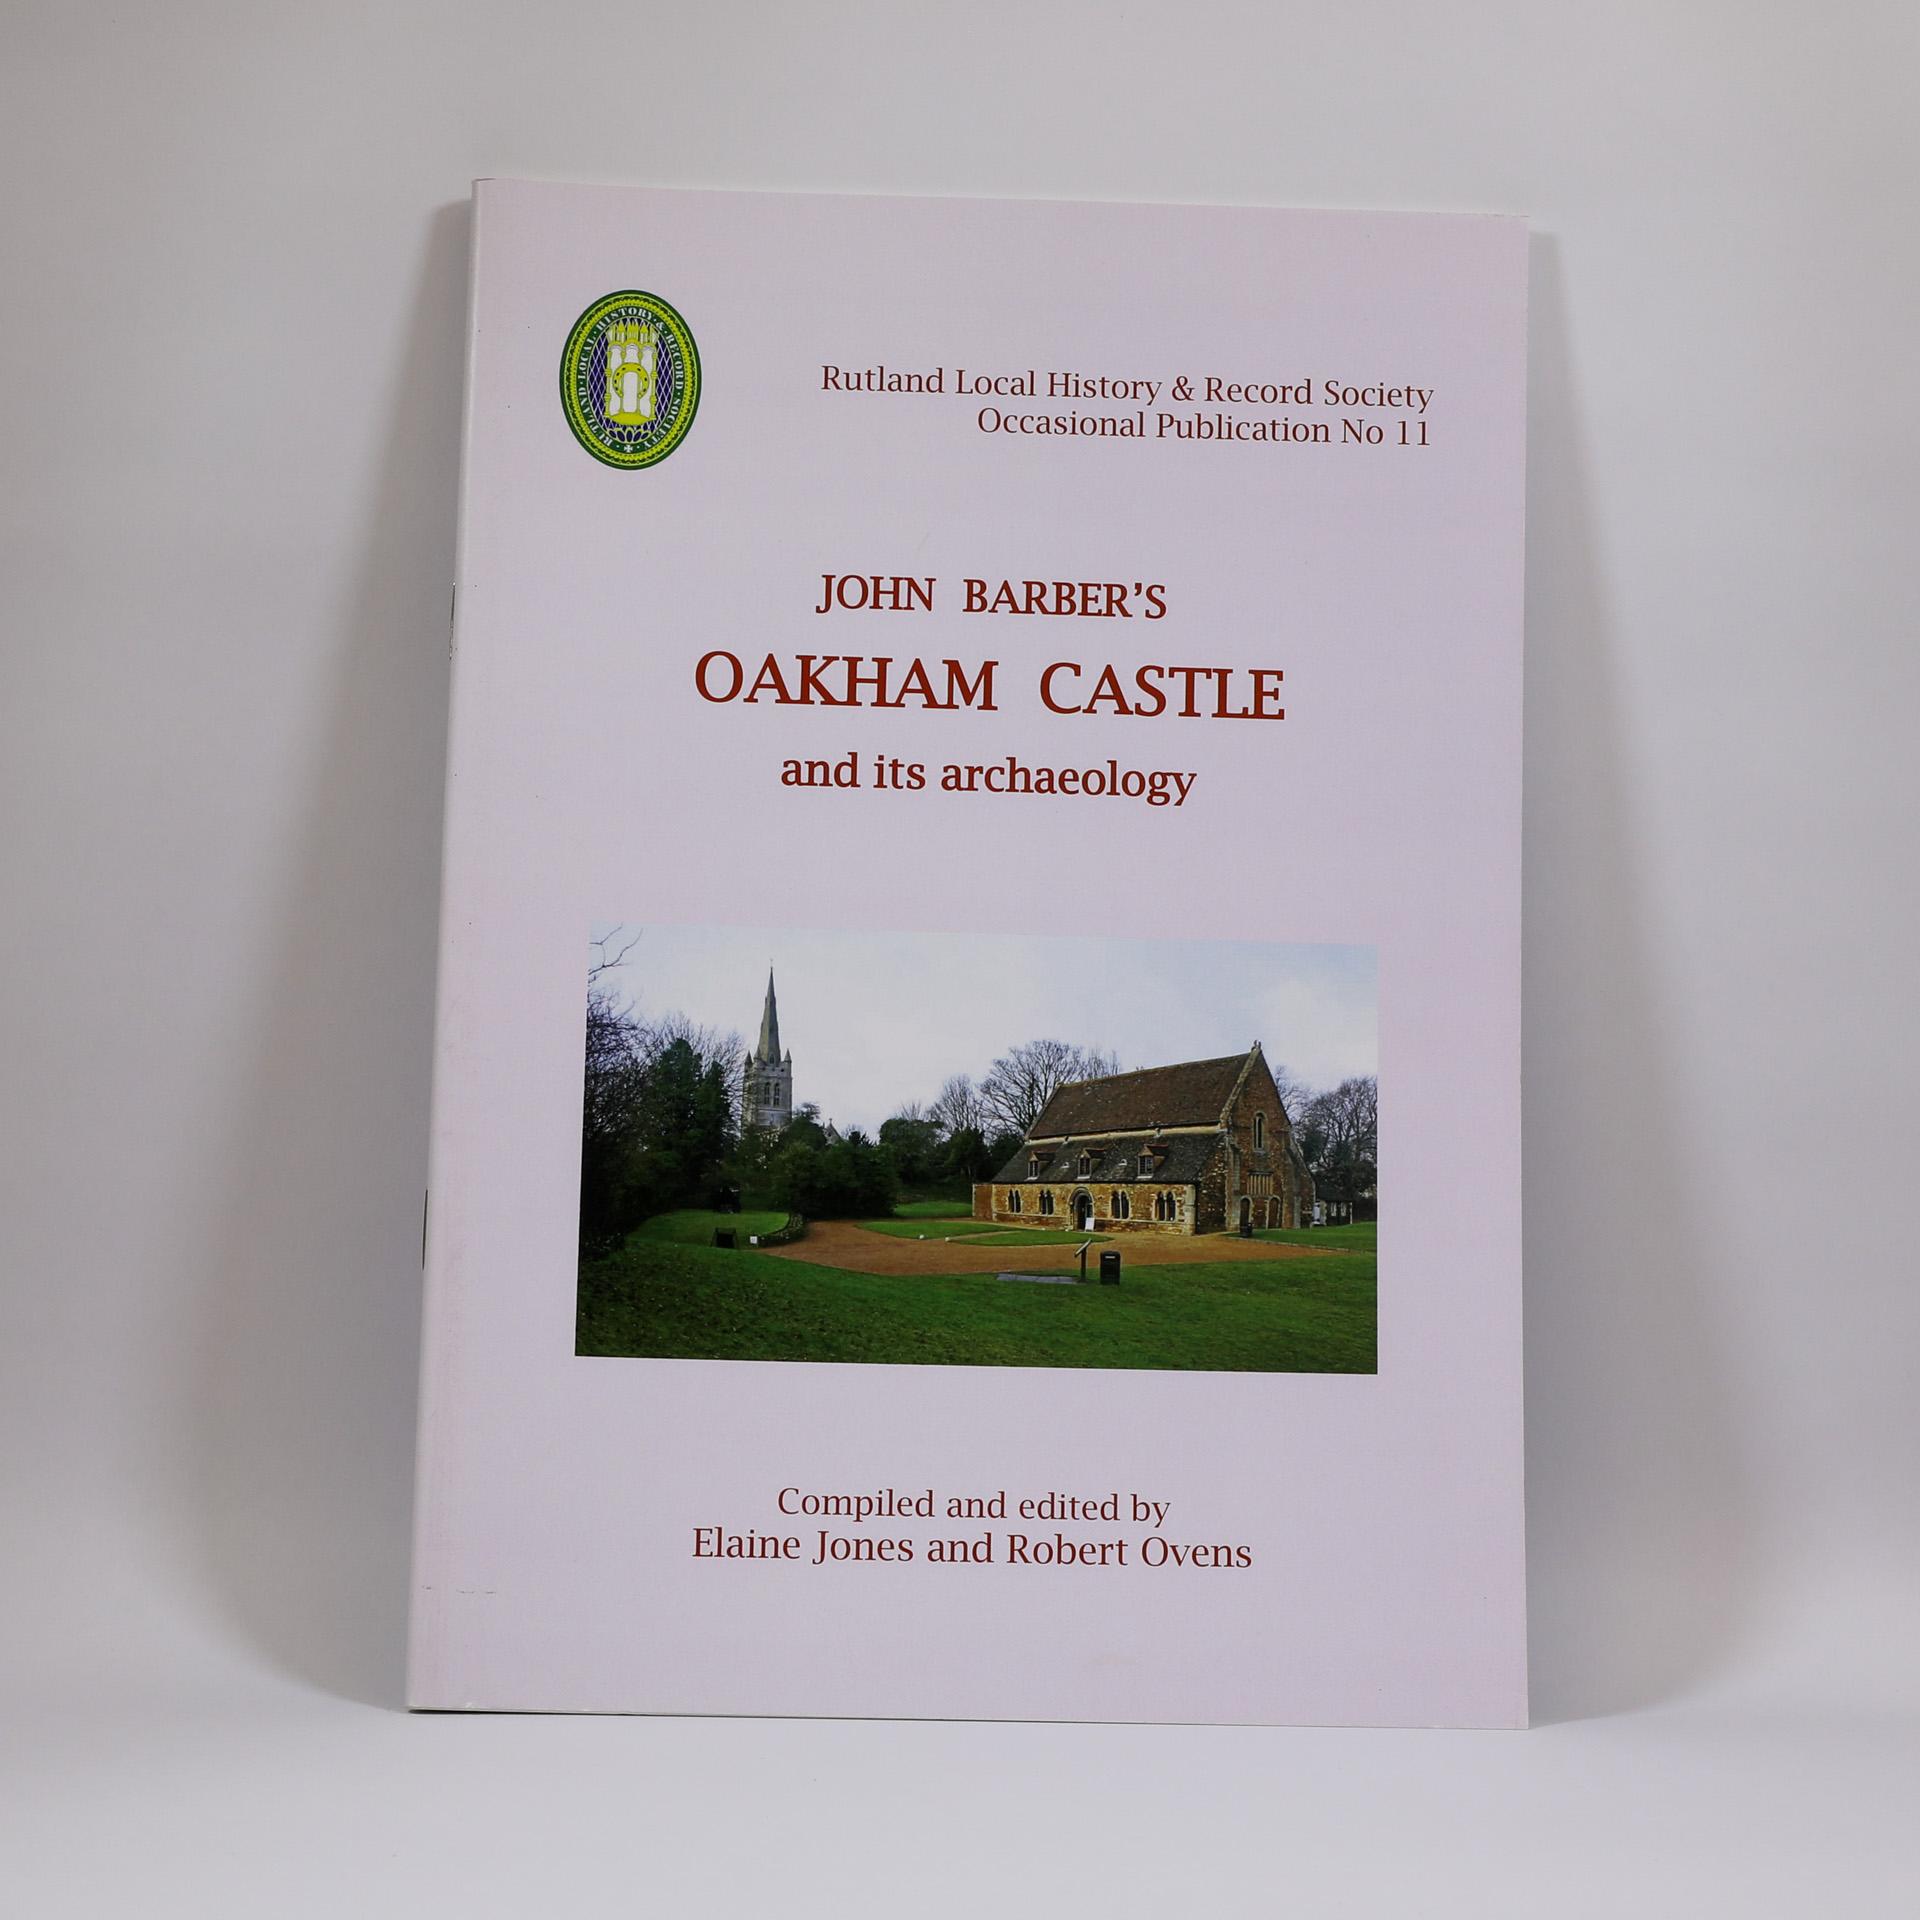 John Barber's Oakham Castle